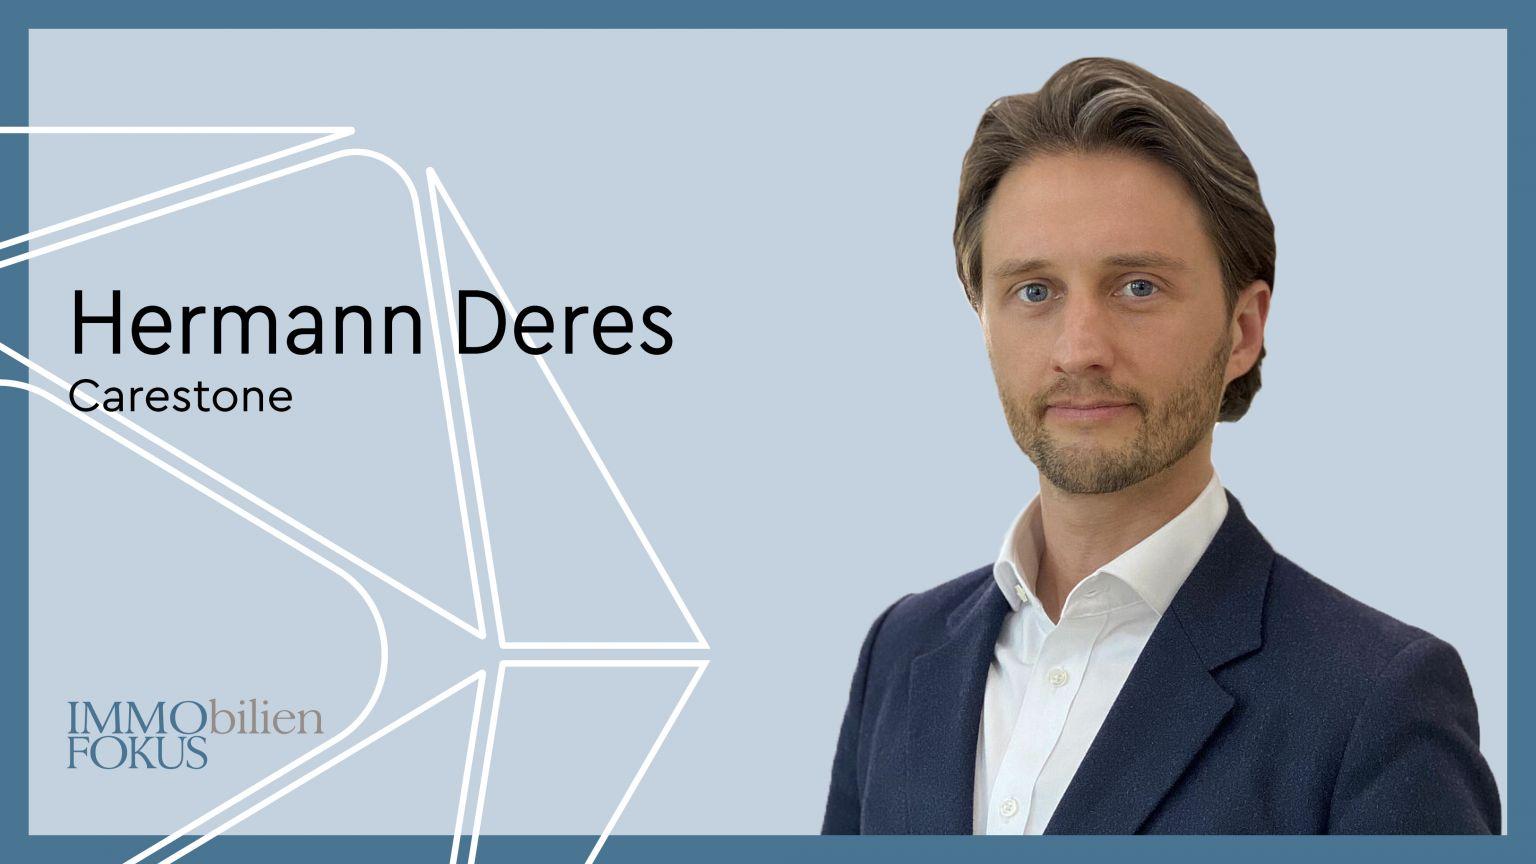 Hermann Deres ist neuer CFO der Carestone Gruppe